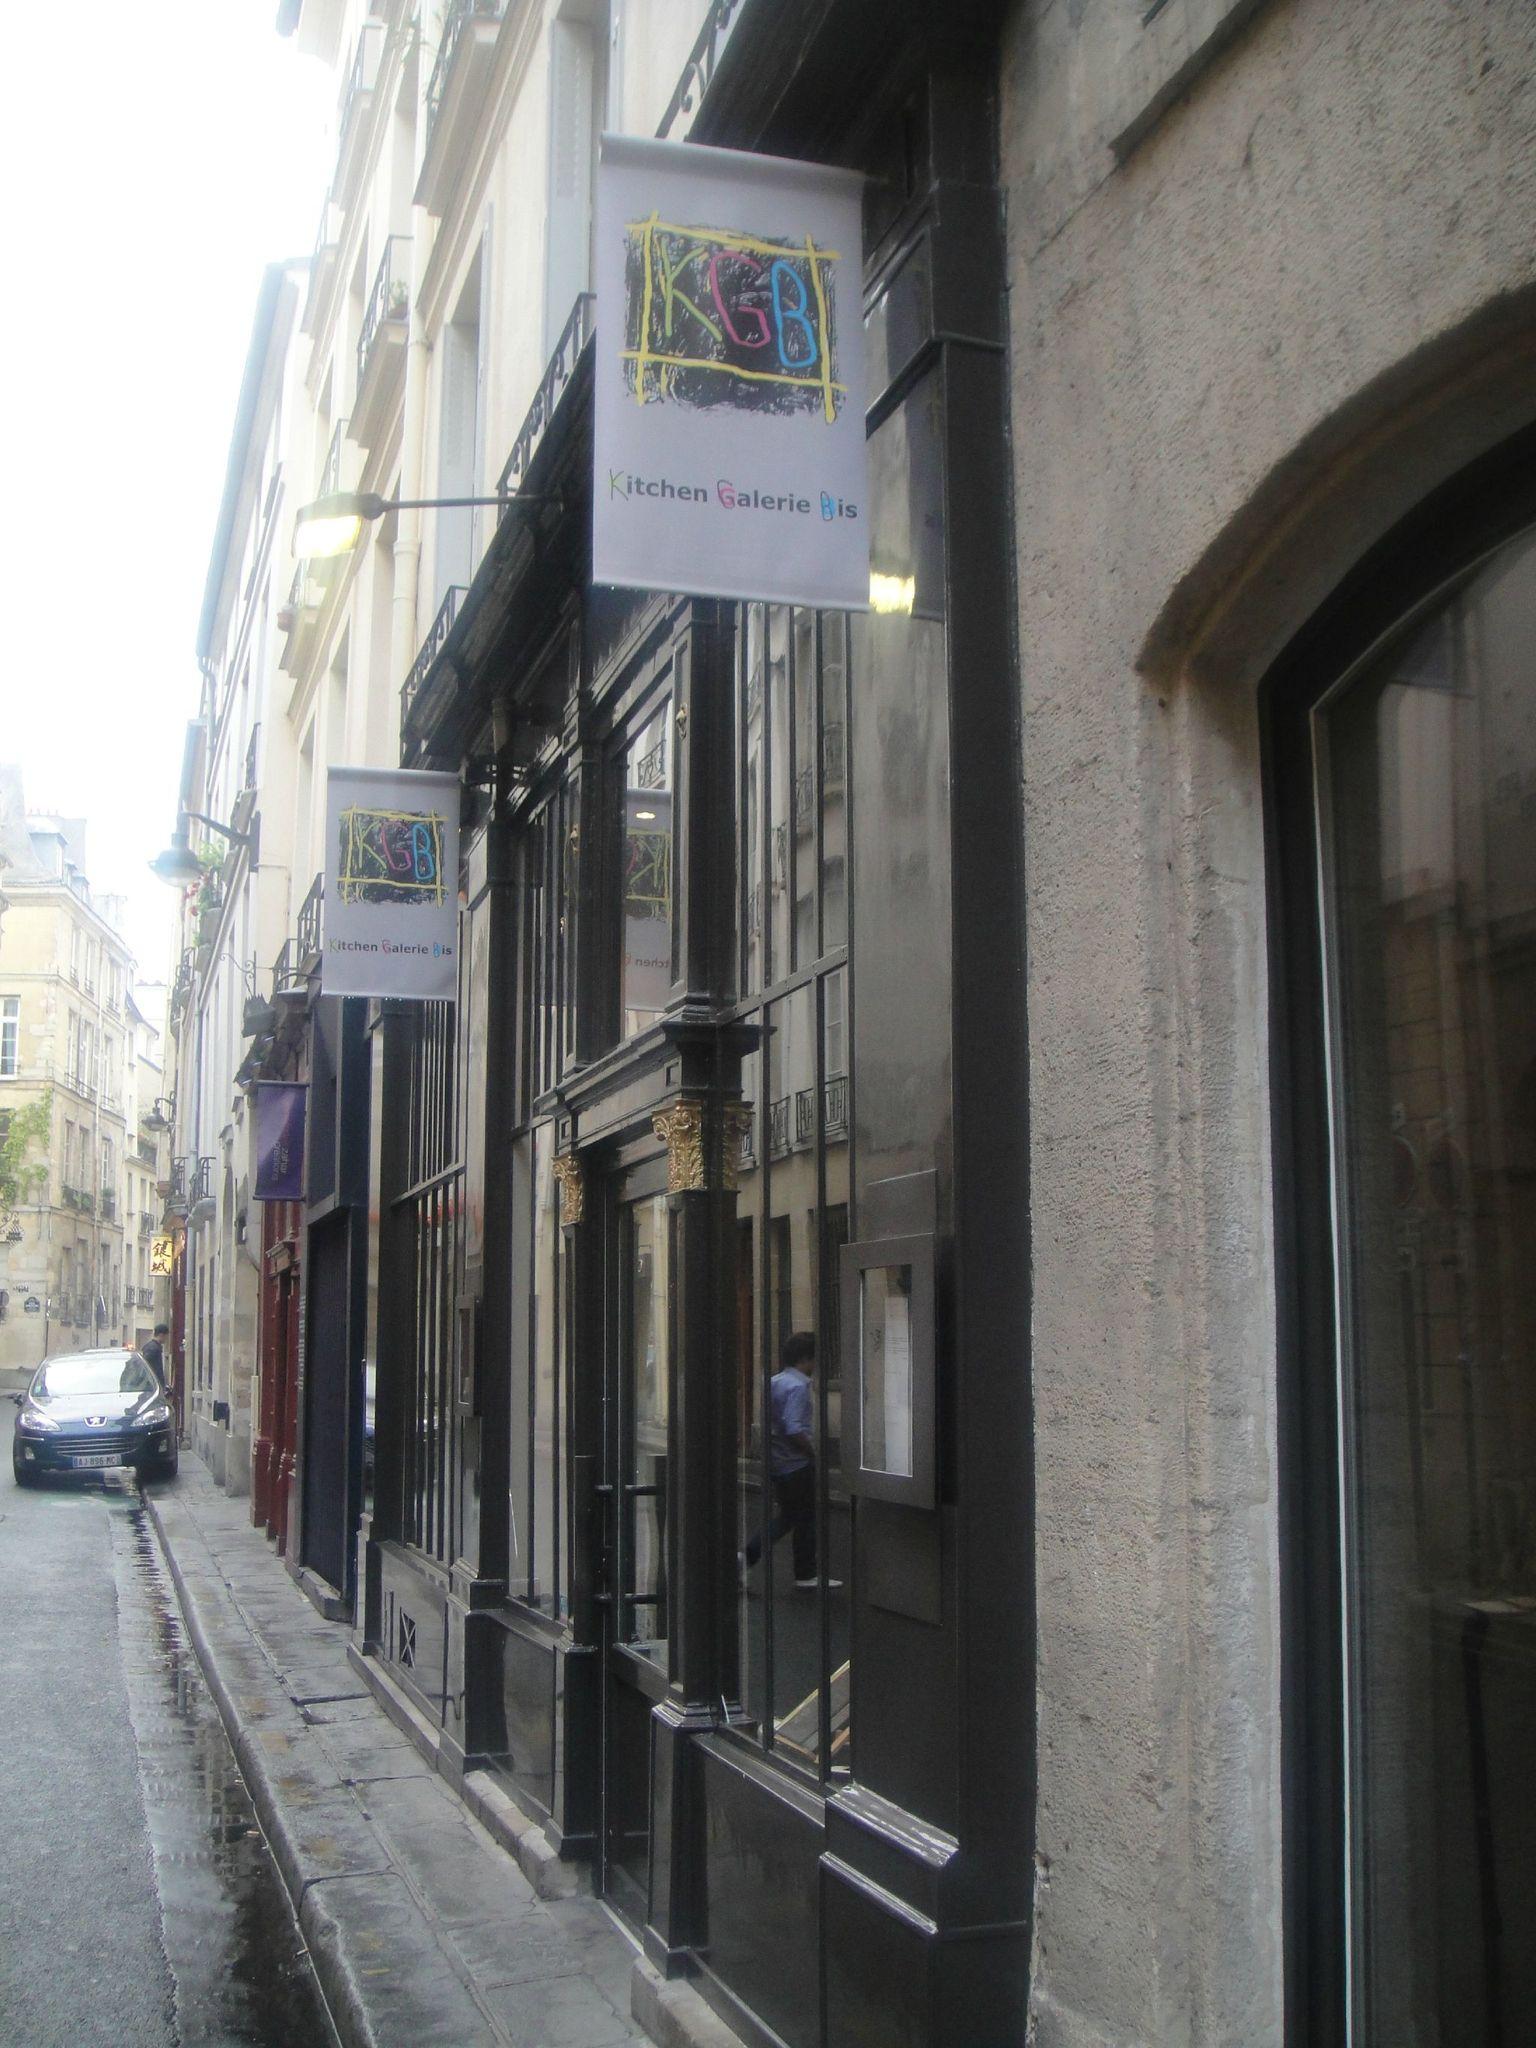 kgb kitchen galerie bis paris 6 désormais un classique parisien